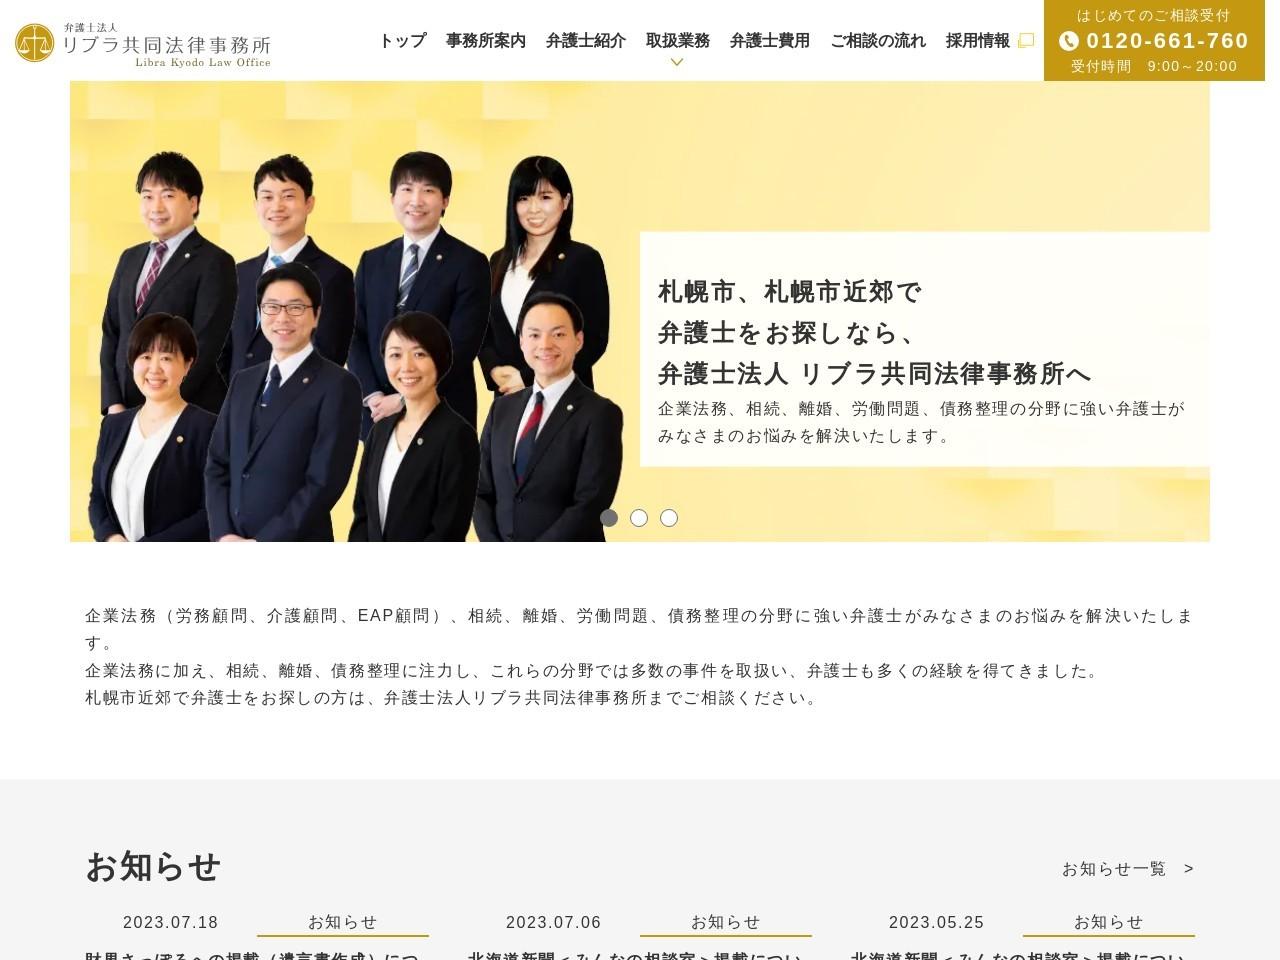 北海道リブラ法律事務所